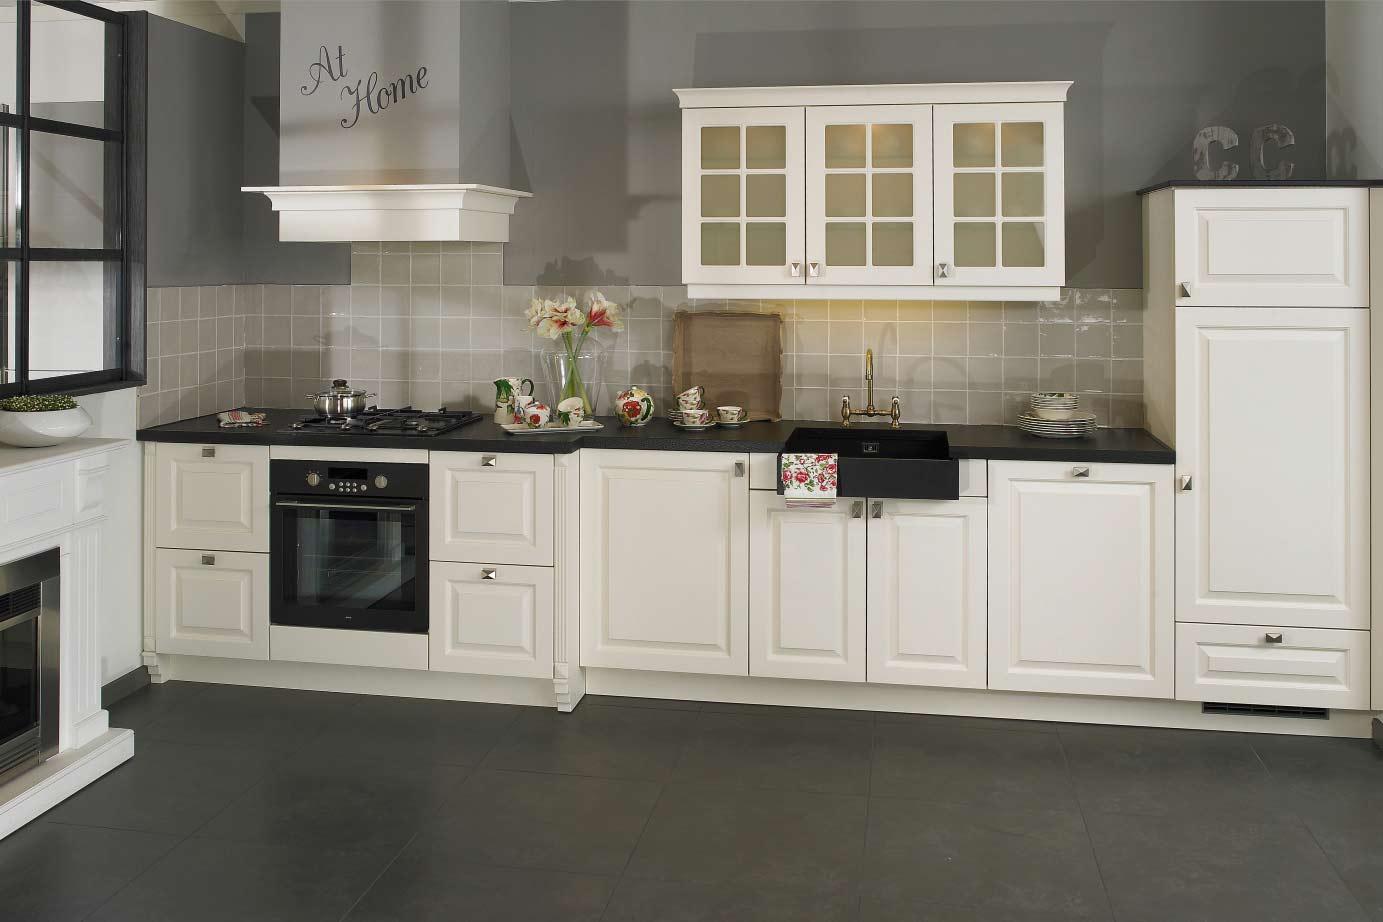 Keukenrenovatie in heel nederland met eigen monteurs db keukens